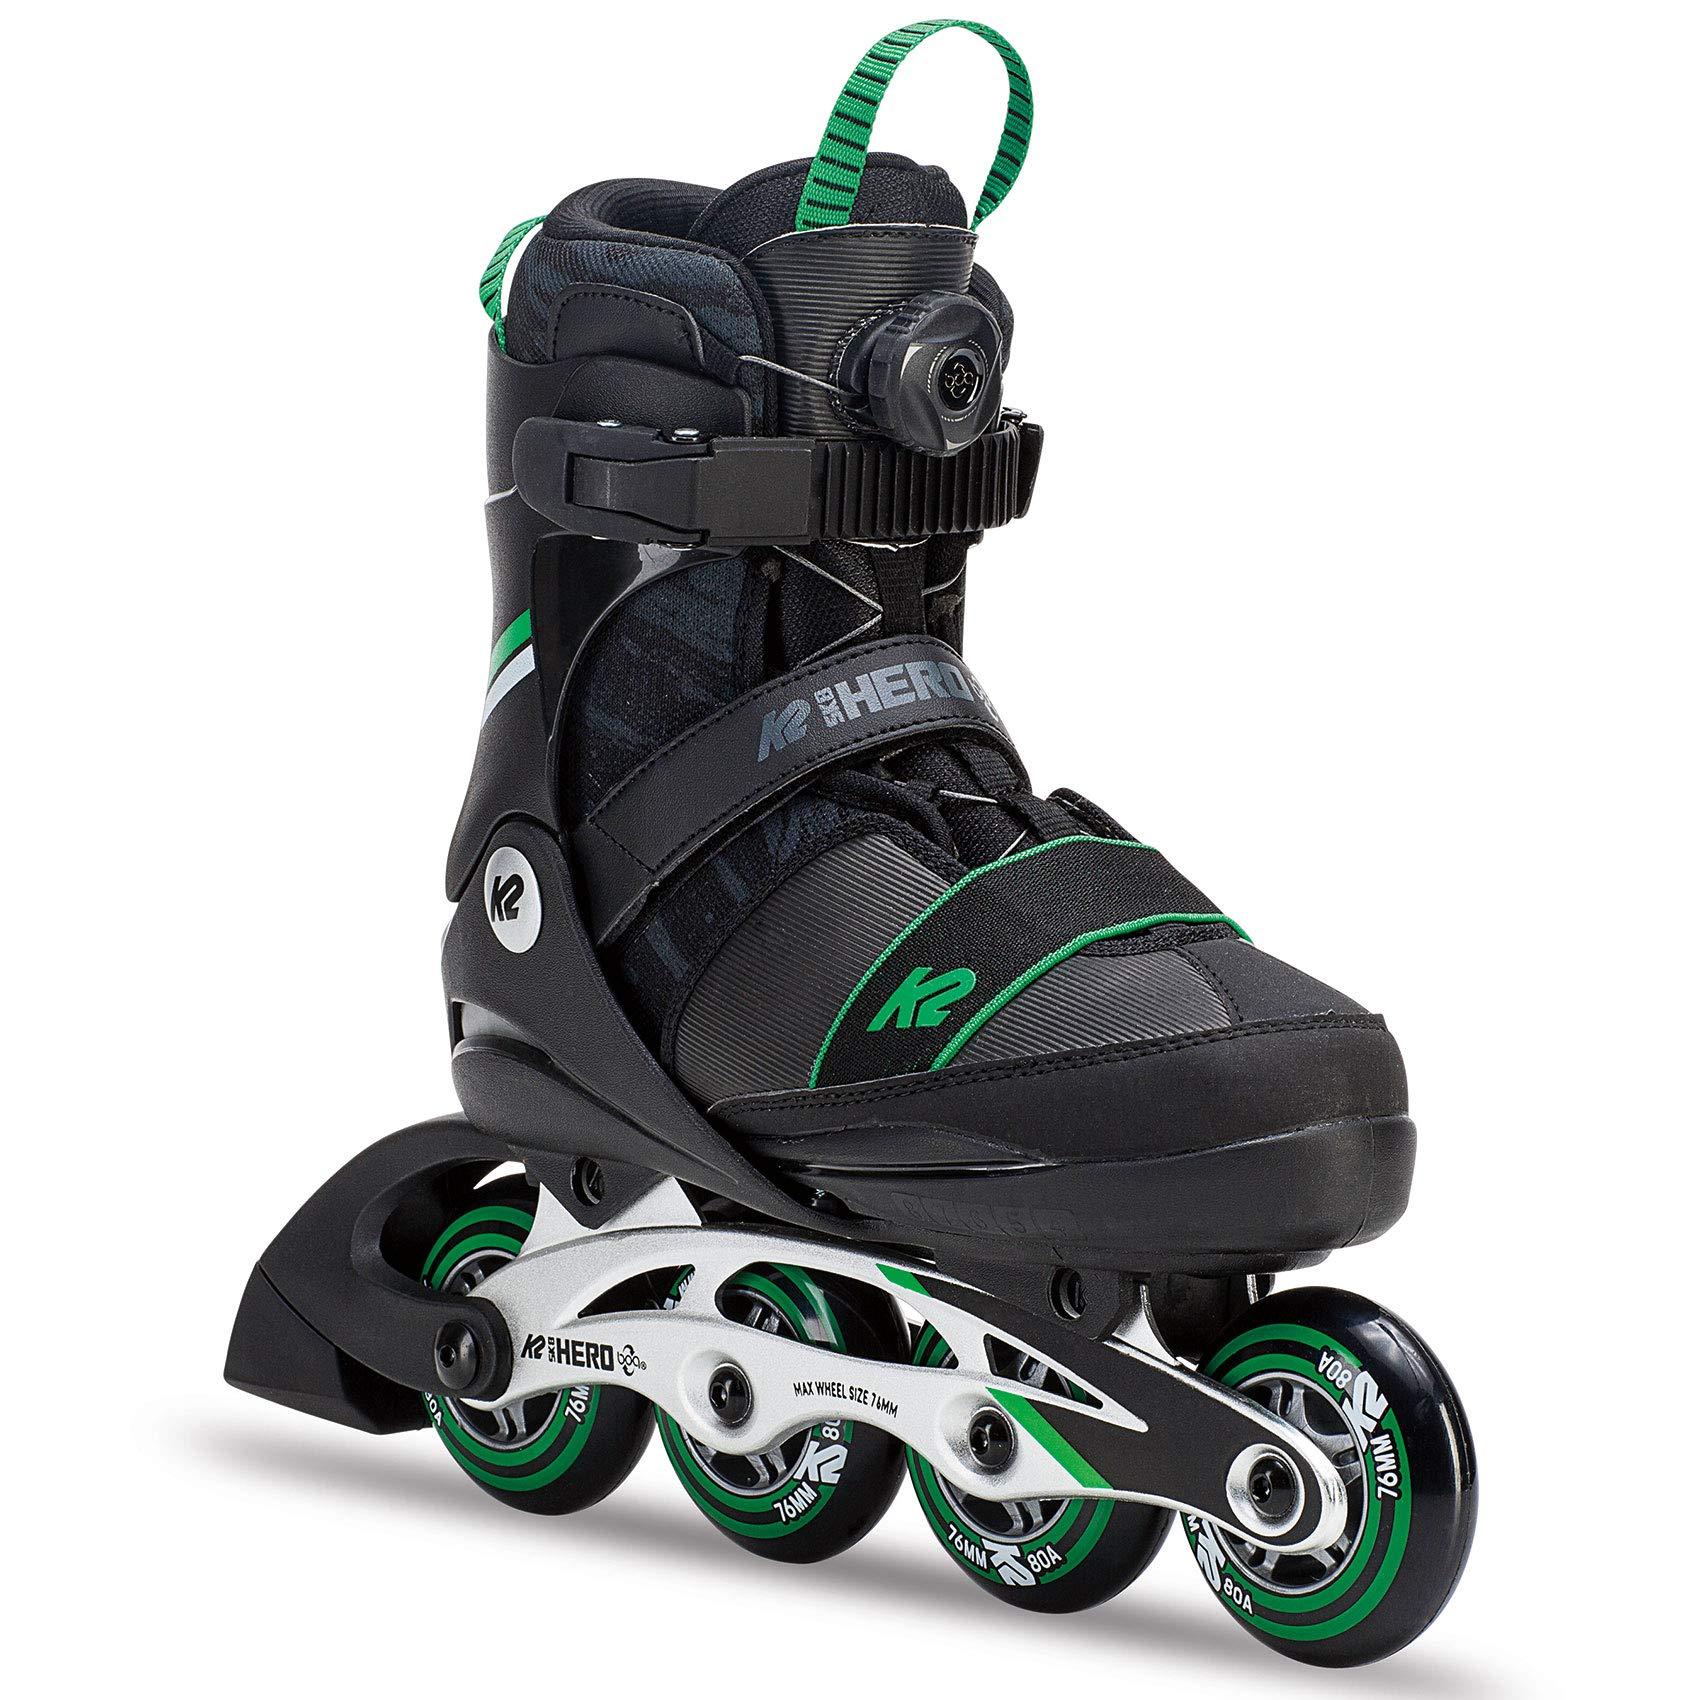 K2 Skate Sk8 Hero Boa Alu Inline Skates, Black Green, Size 1-5